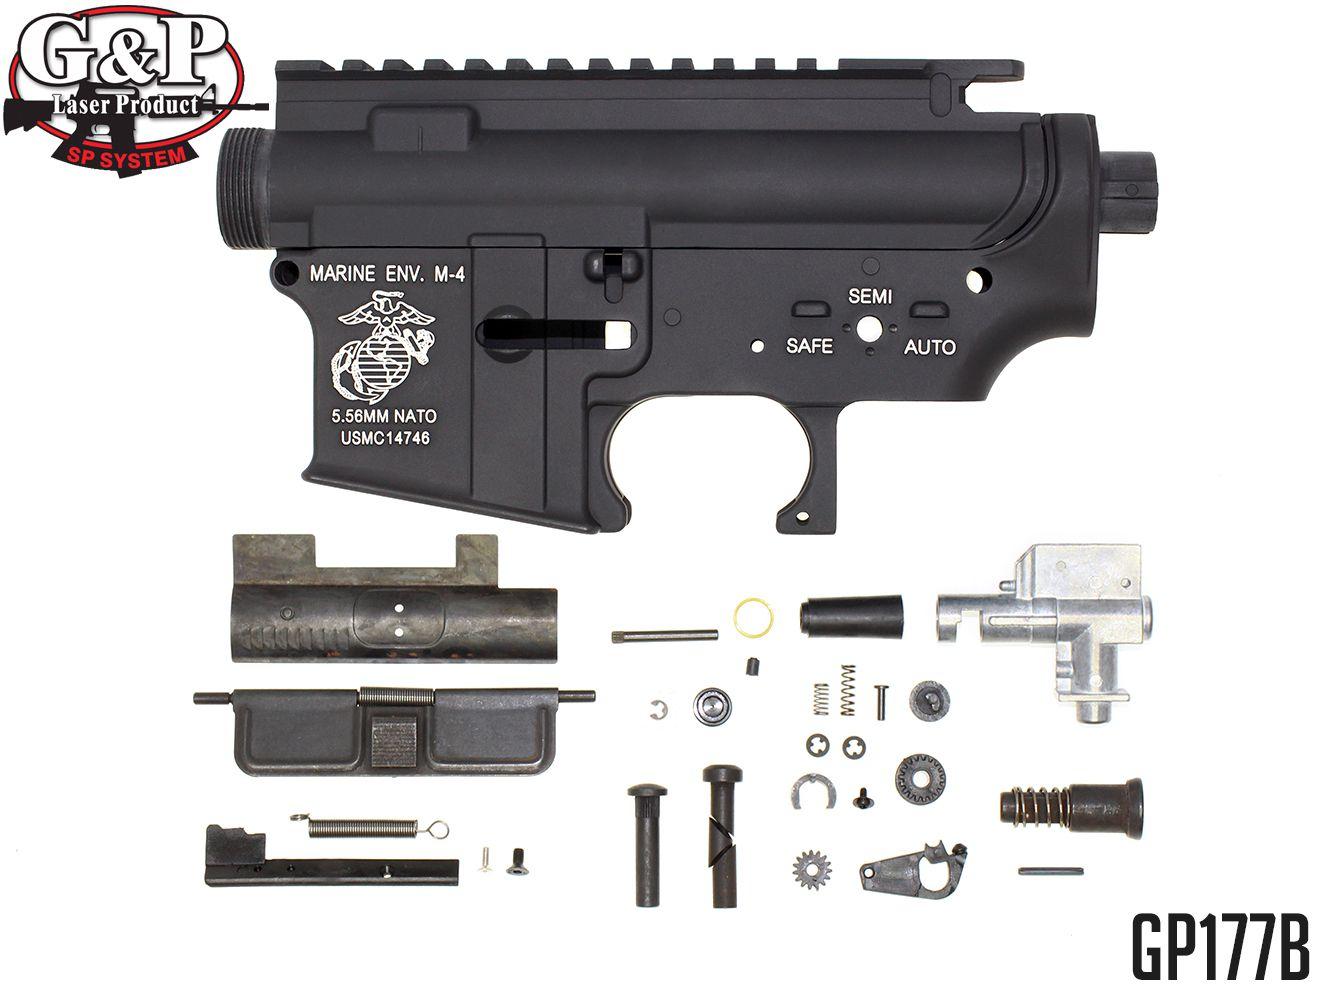 G&P製 GP177Bメタル・フレーム For M4(Marine) Bタイプ★マルイM4/マルイM16